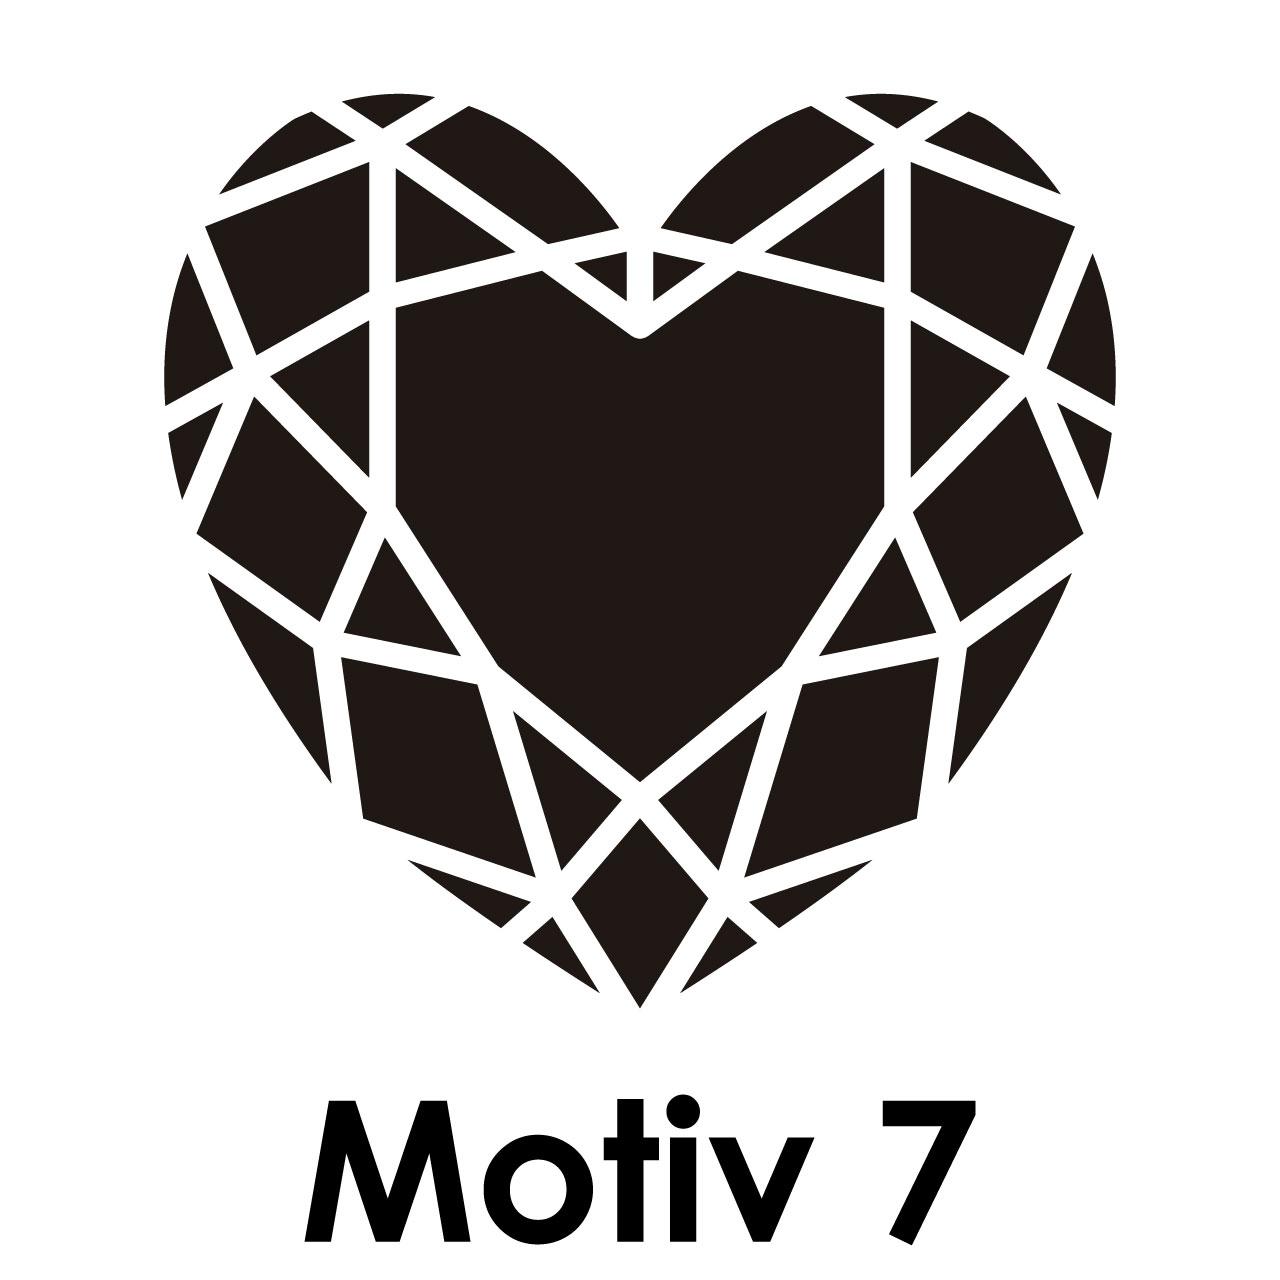 Motiv7